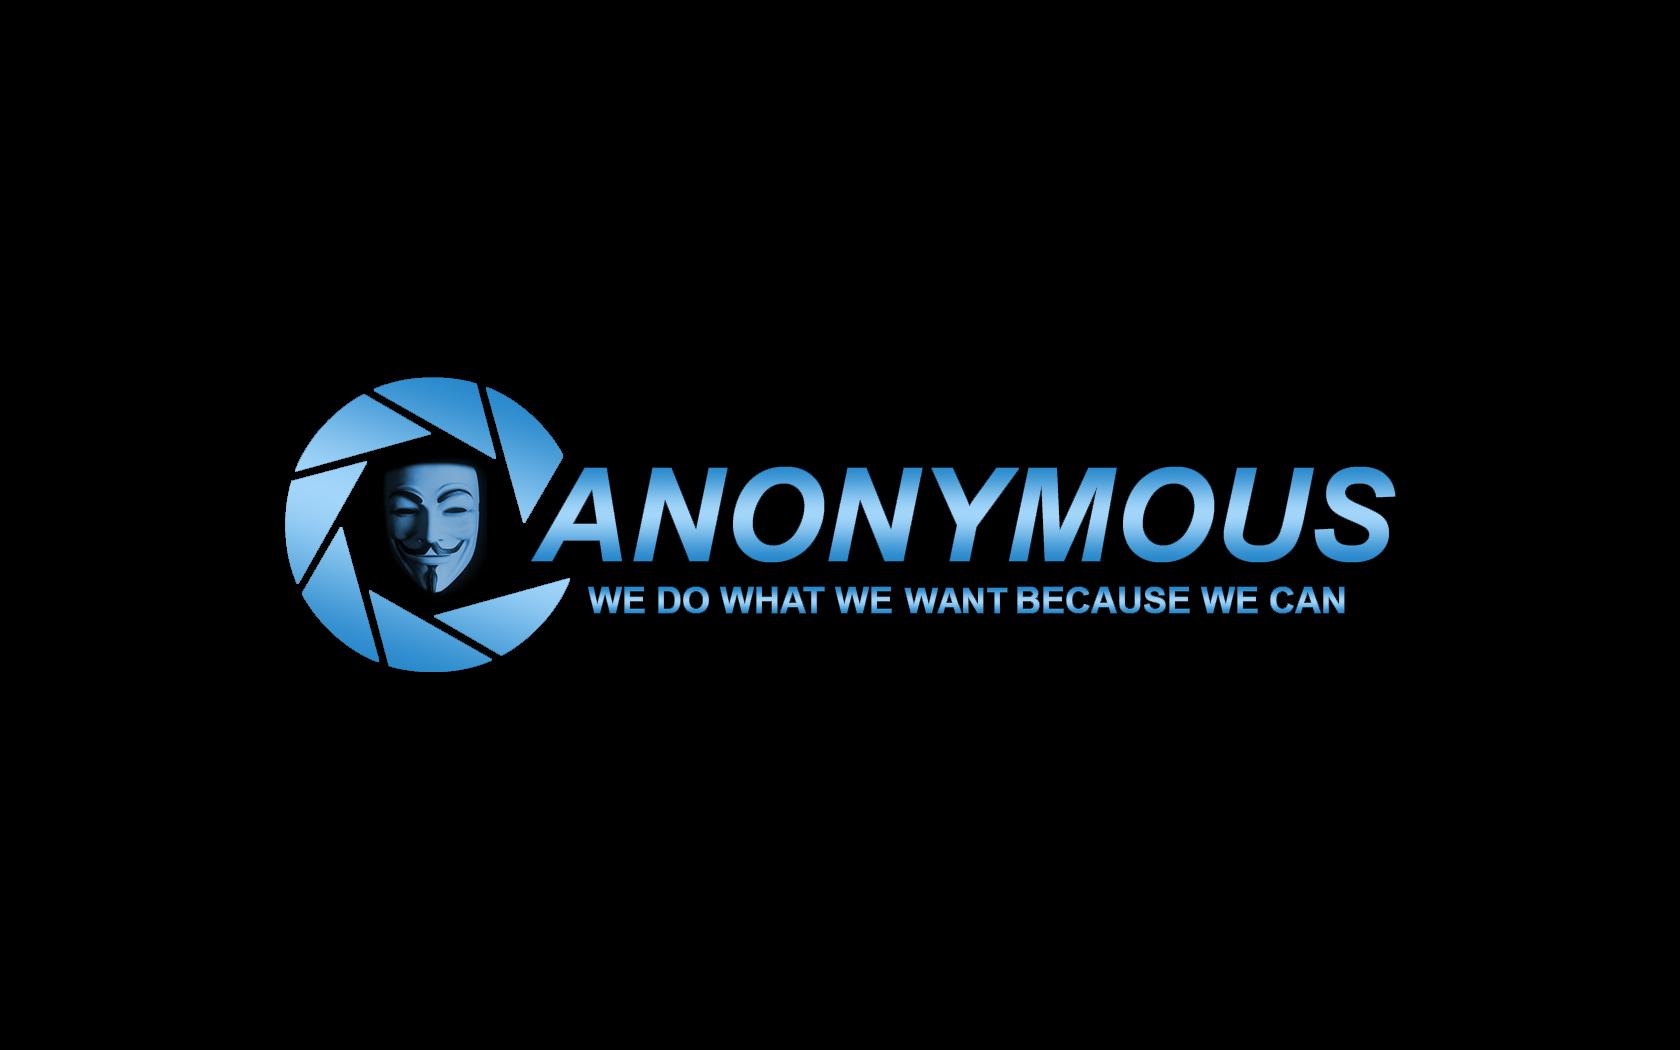 Description Anonymous Wallpaper 1080p is a hi res Wallpaper for pc 1680x1050